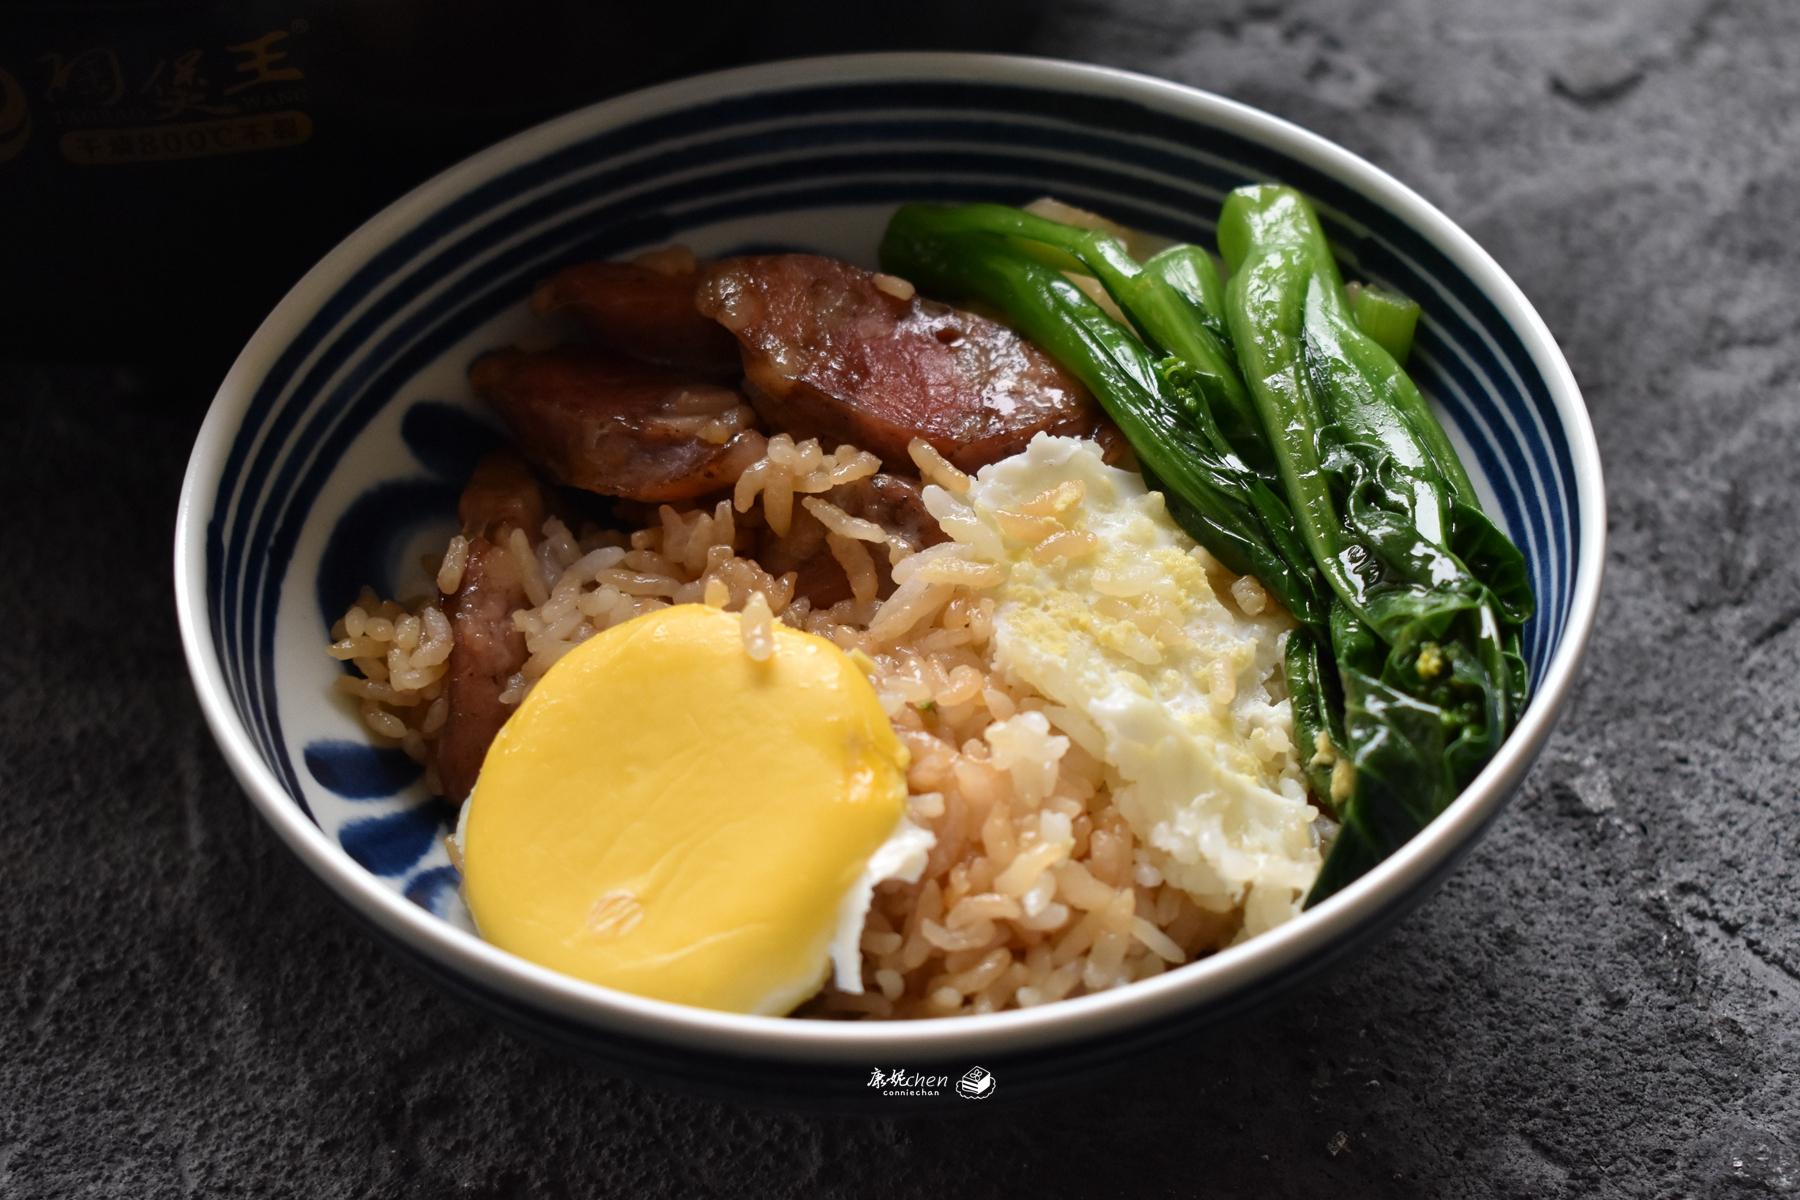 两人的晚餐,15分钟做好,有肉有菜还有蛋,网友:一看就是广东人